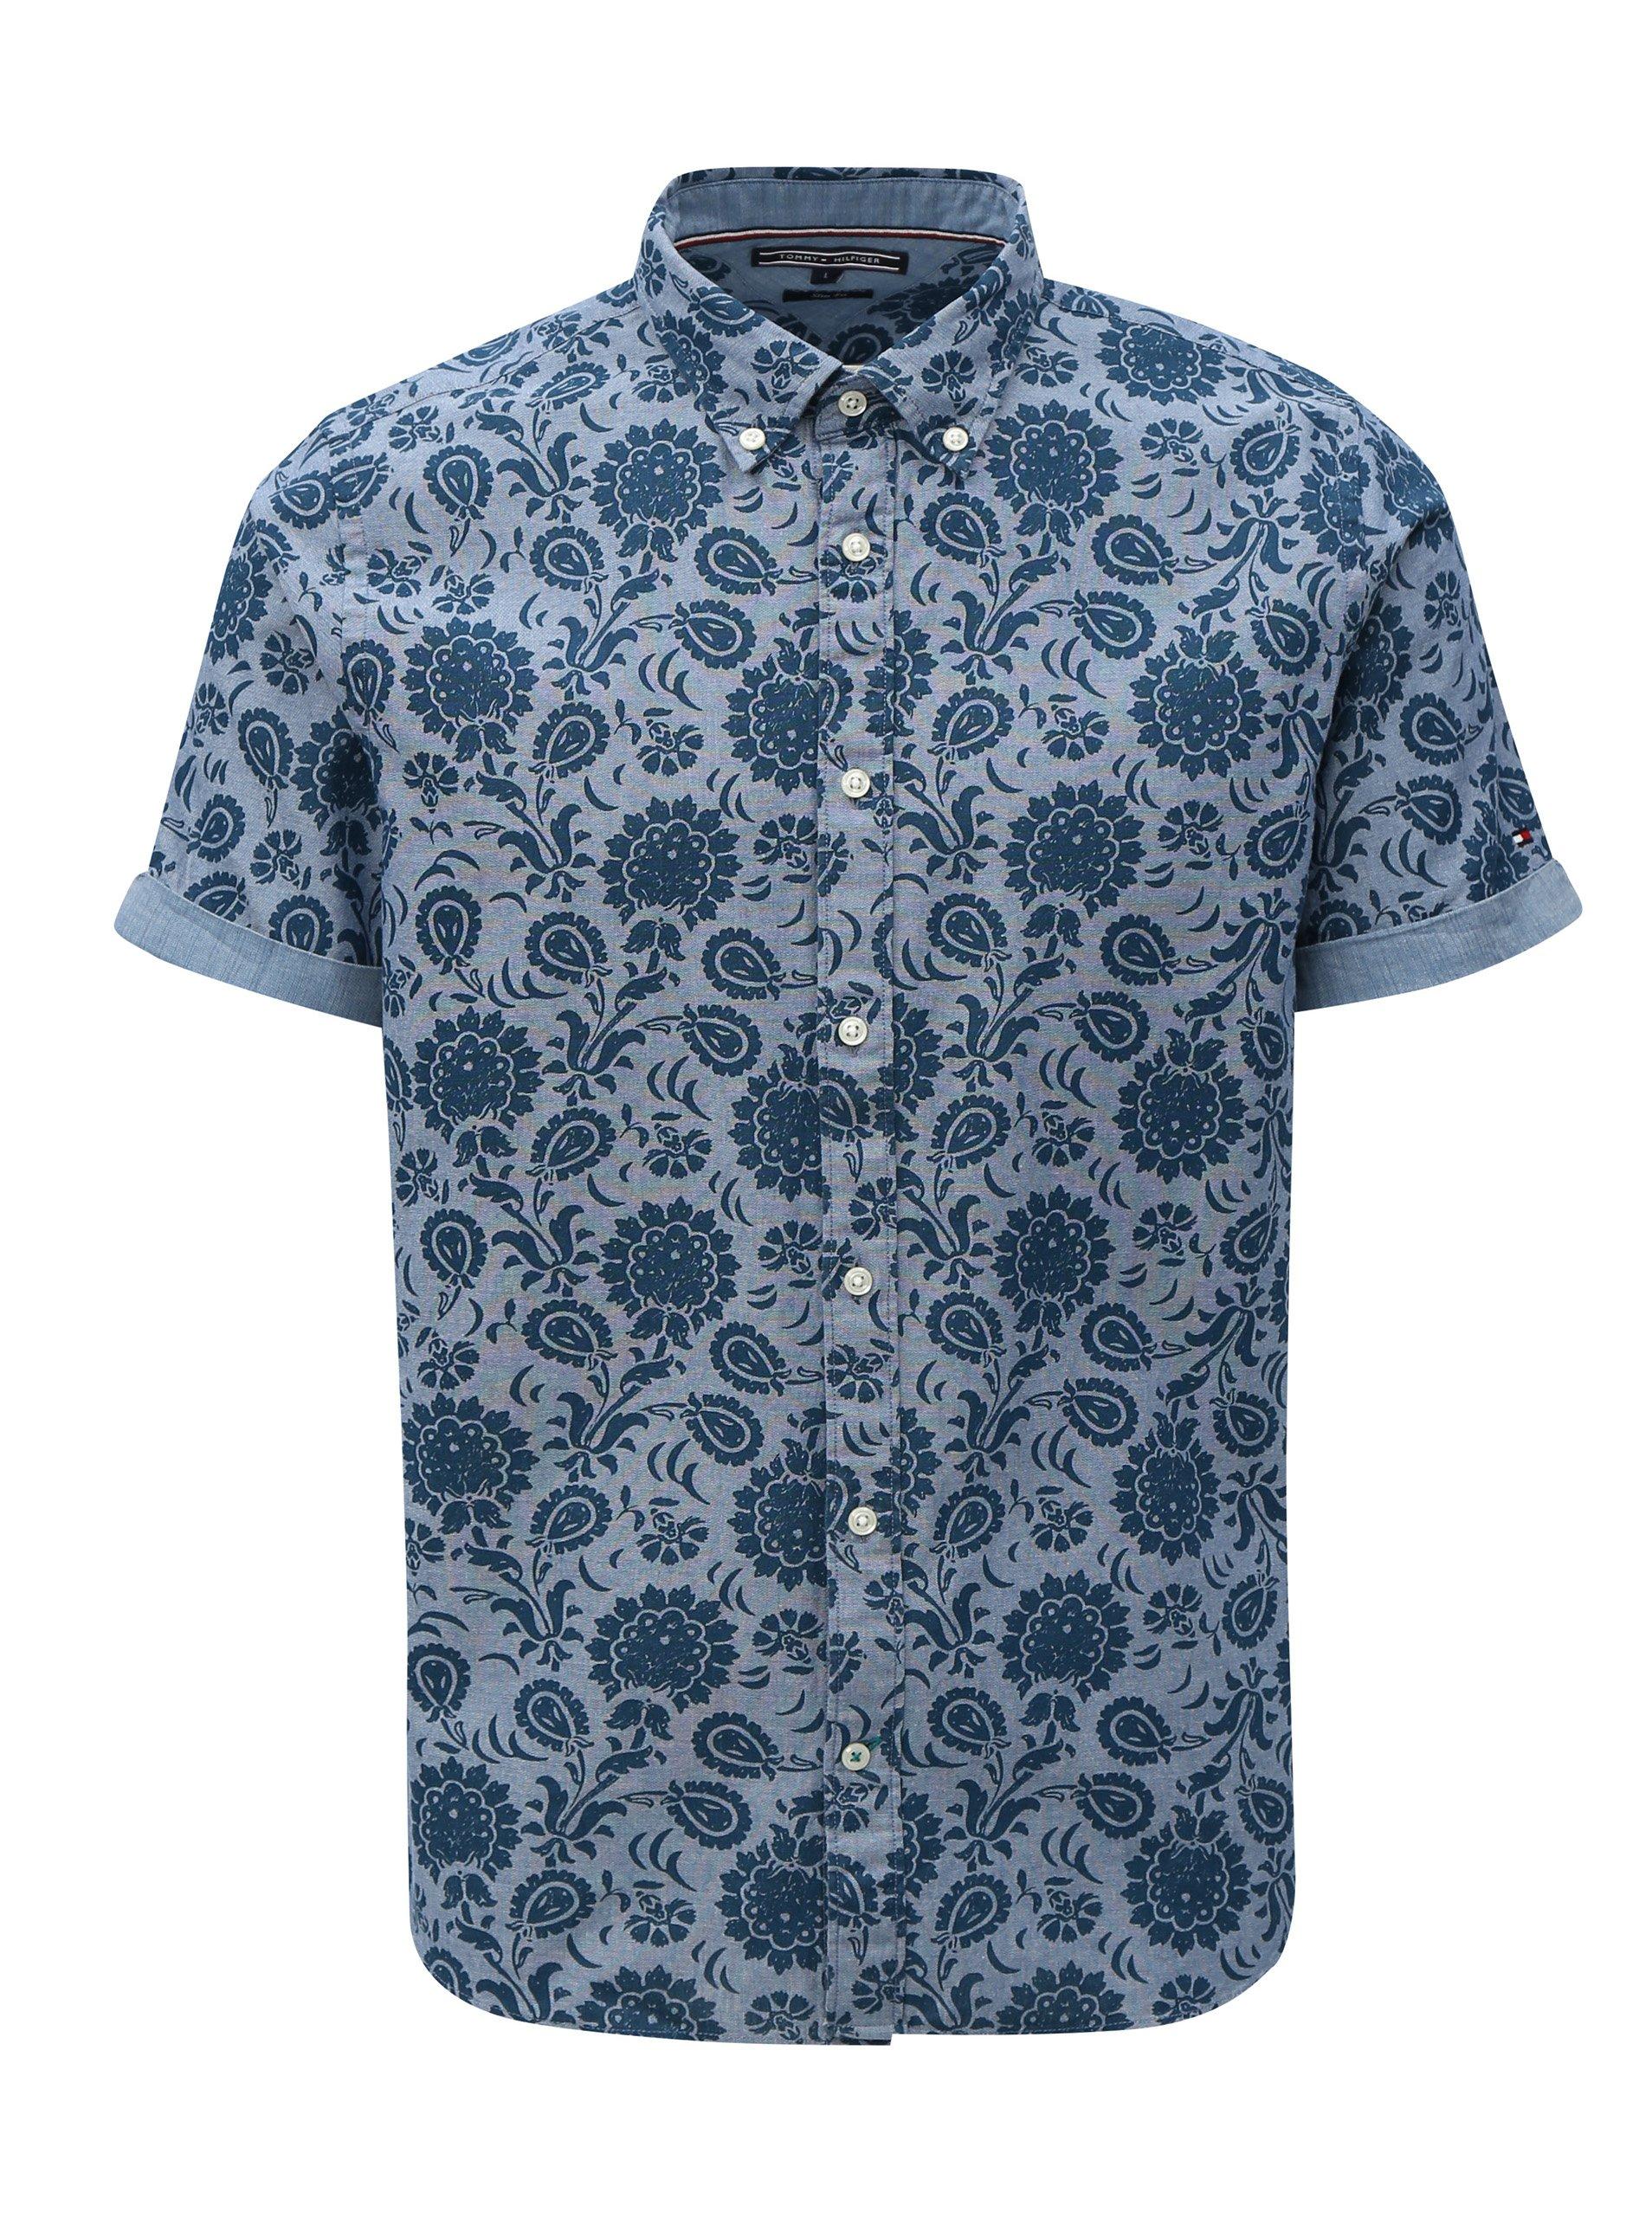 Modrá pánská vzorovaná slim fit košile Tommy Hilfiger 097d31f6bf